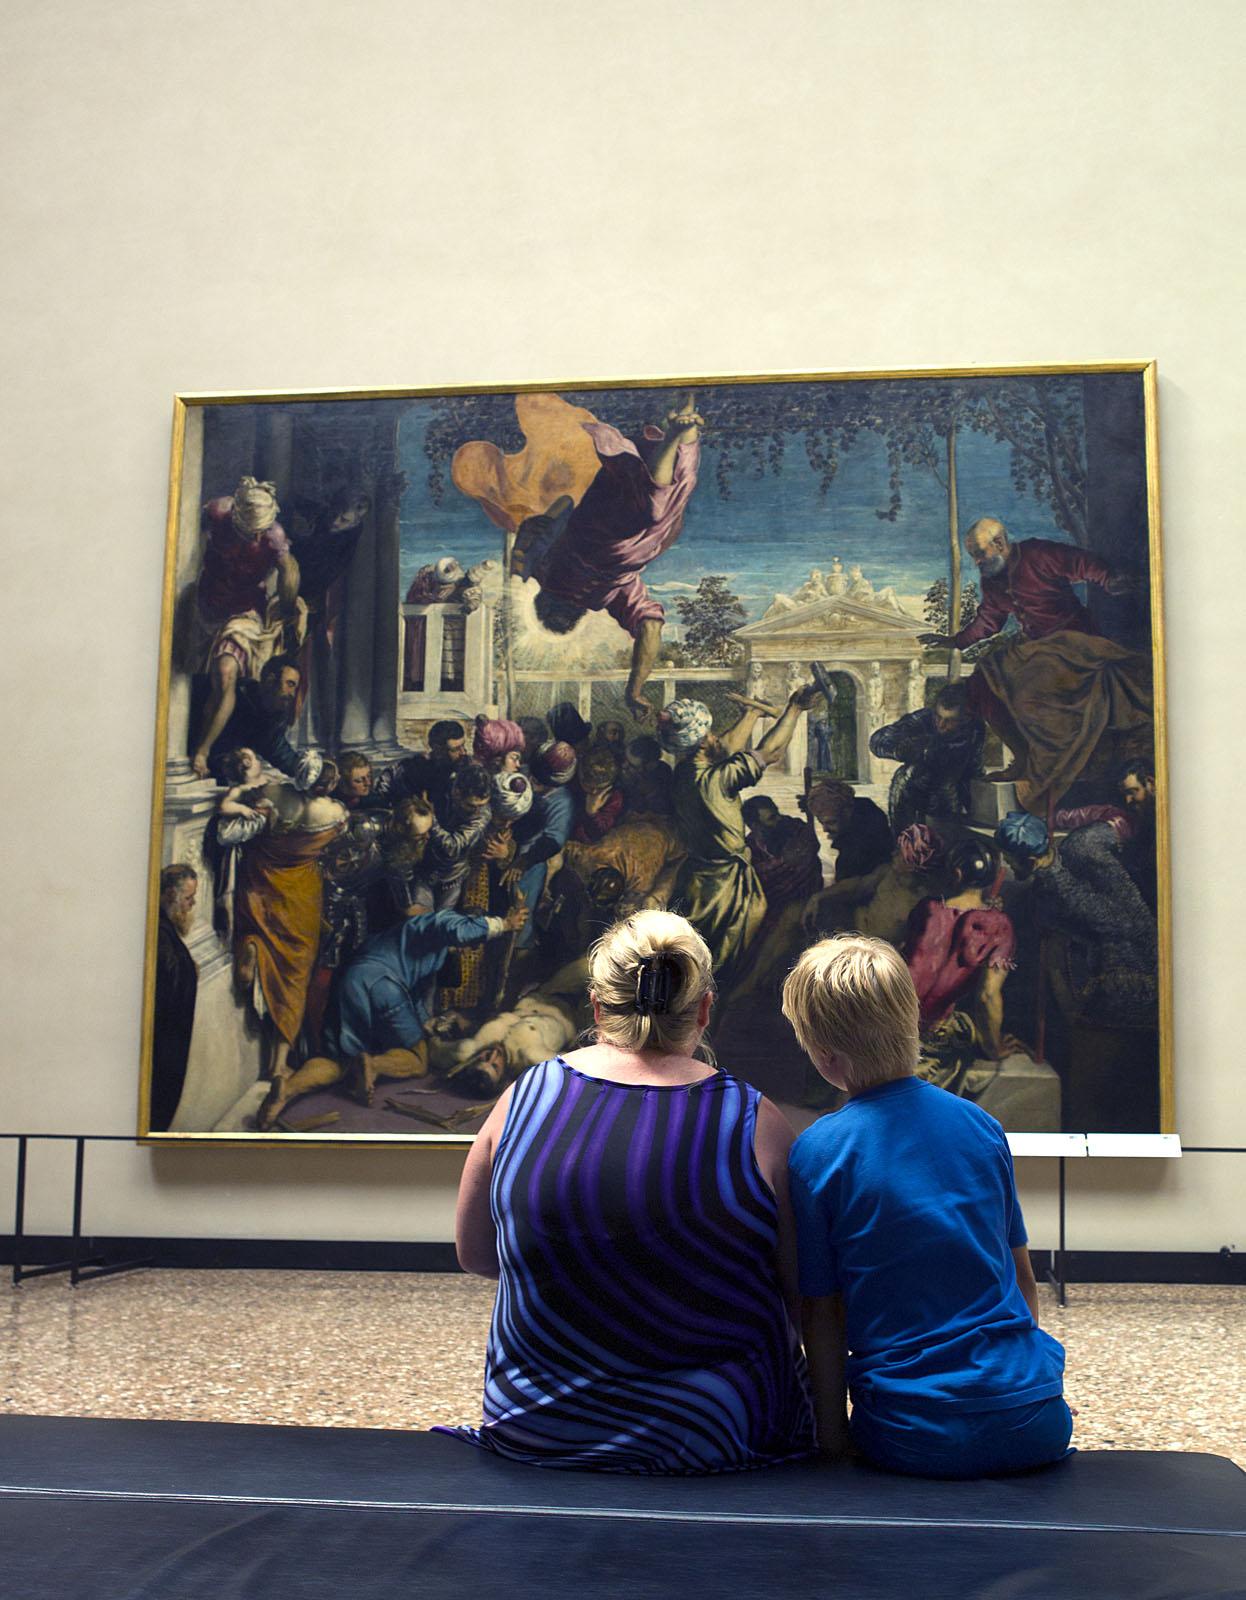 Kunst kijken Accademia in Venetië 2 door Remmelt van Veelen